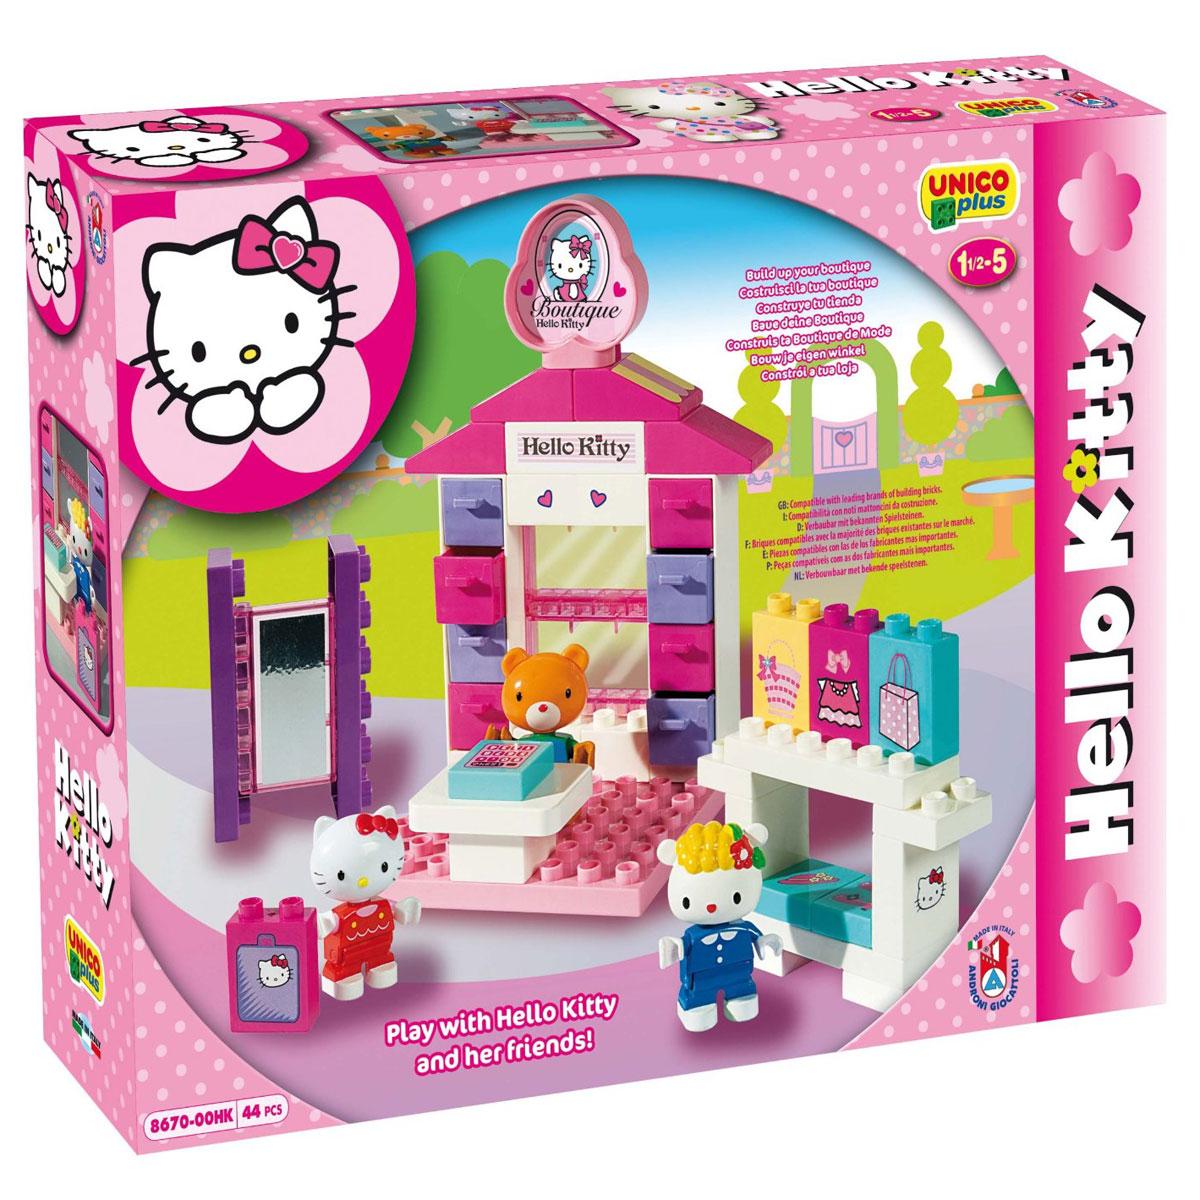 Hello Kitty Конструктор Androni Giocattoli Магазин8670-00HKКонструктор Androni Giocattoli Hello Kitty: Магазин непременно порадует вашу малышку и не позволит ей скучать. Игровой набор состоит из 44 деталей конструктора, выполненных из безопасного высококачественного пластика ярких цветов (детали для сборки прилавка магазина, витрины, кассы, примерочной, фигурки персонажей, элементы декора, аксессуары). Из элементов конструктора малышка сможет собрать мини-магазин, где Kitty с друзьями смогут прикупить себе модные обновки. Красочные фигурки Hello Kitty и ее друзей будут очень интересны вашему ребенку. У фигурок двигаются ручки и ножки. С любимыми героями ребенок может играть как один, так и в компании с другими детьми, придумывая свои интересные истории. Благодаря играм, в которых ребенок собирает из деталей целое, придумывает различные сюжеты, развивается мелкая моторика рук, пространственное мышление, воображение и творческие способности малыша. Детали конструктора совместимы с игрушечными строительными...